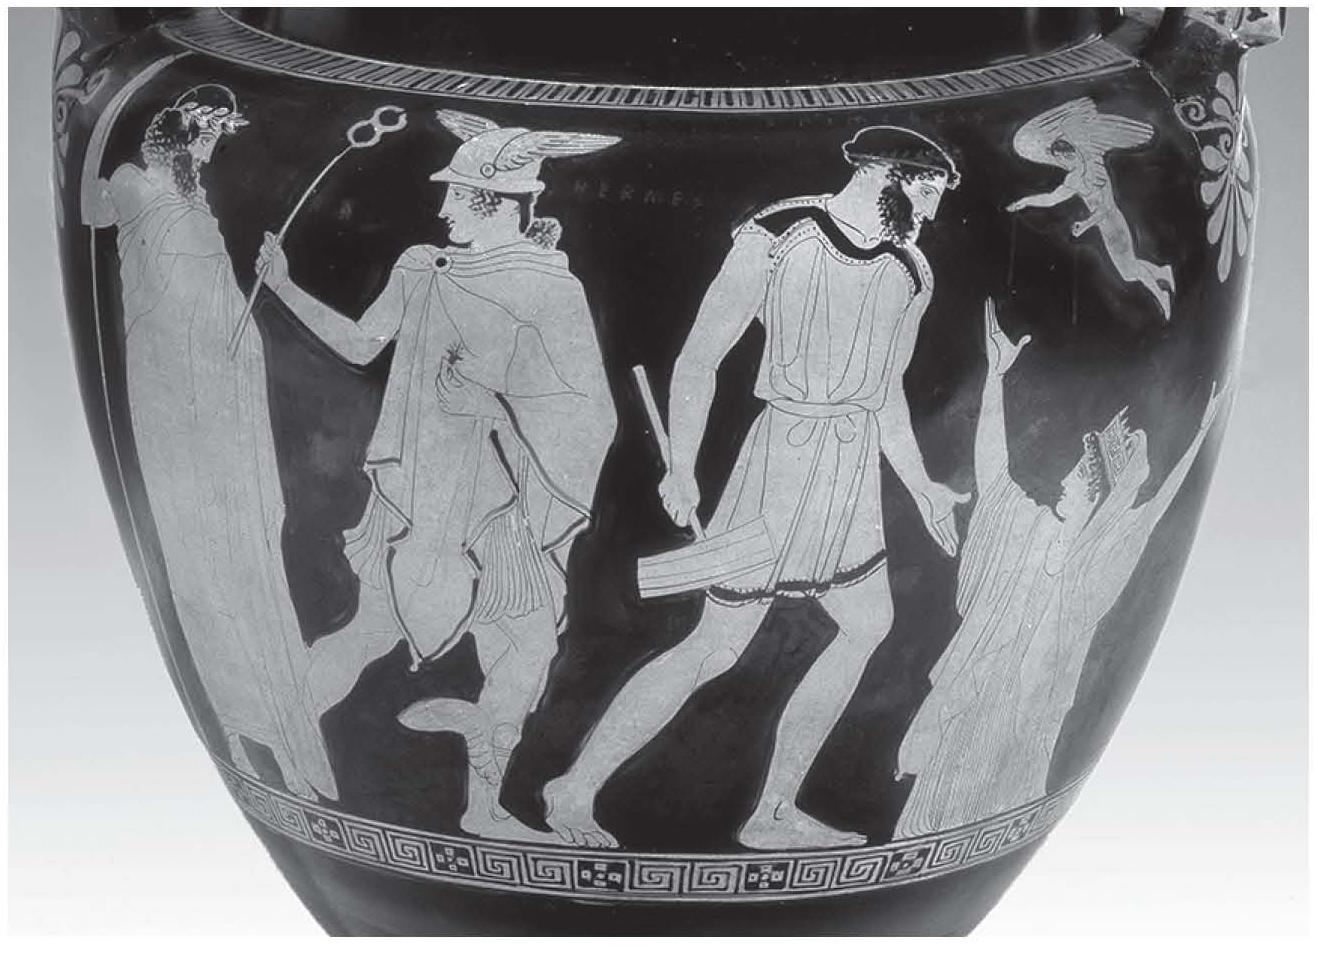 Dossier Des Vases Pour Les Athéniens Prometheus Epimetheus And Pandora From Athenian Pottery To Satyr Plays And Cult éditions De L école Des Hautes études En Sciences Sociales